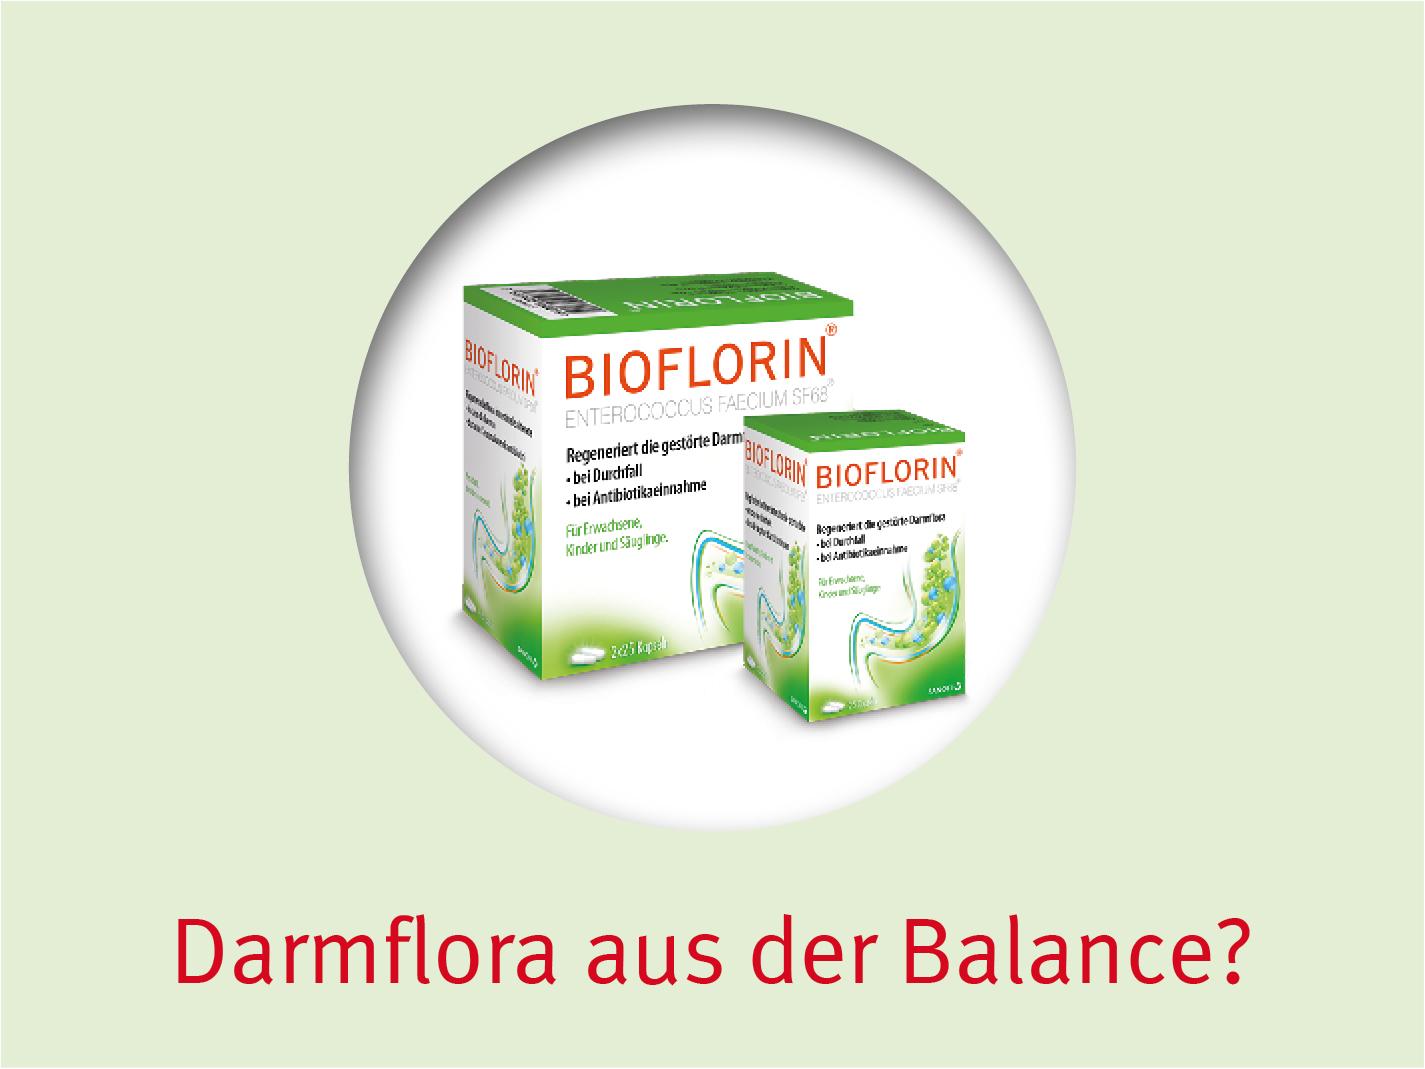 bioflorin_teaserbox_tp_homepage.jpg